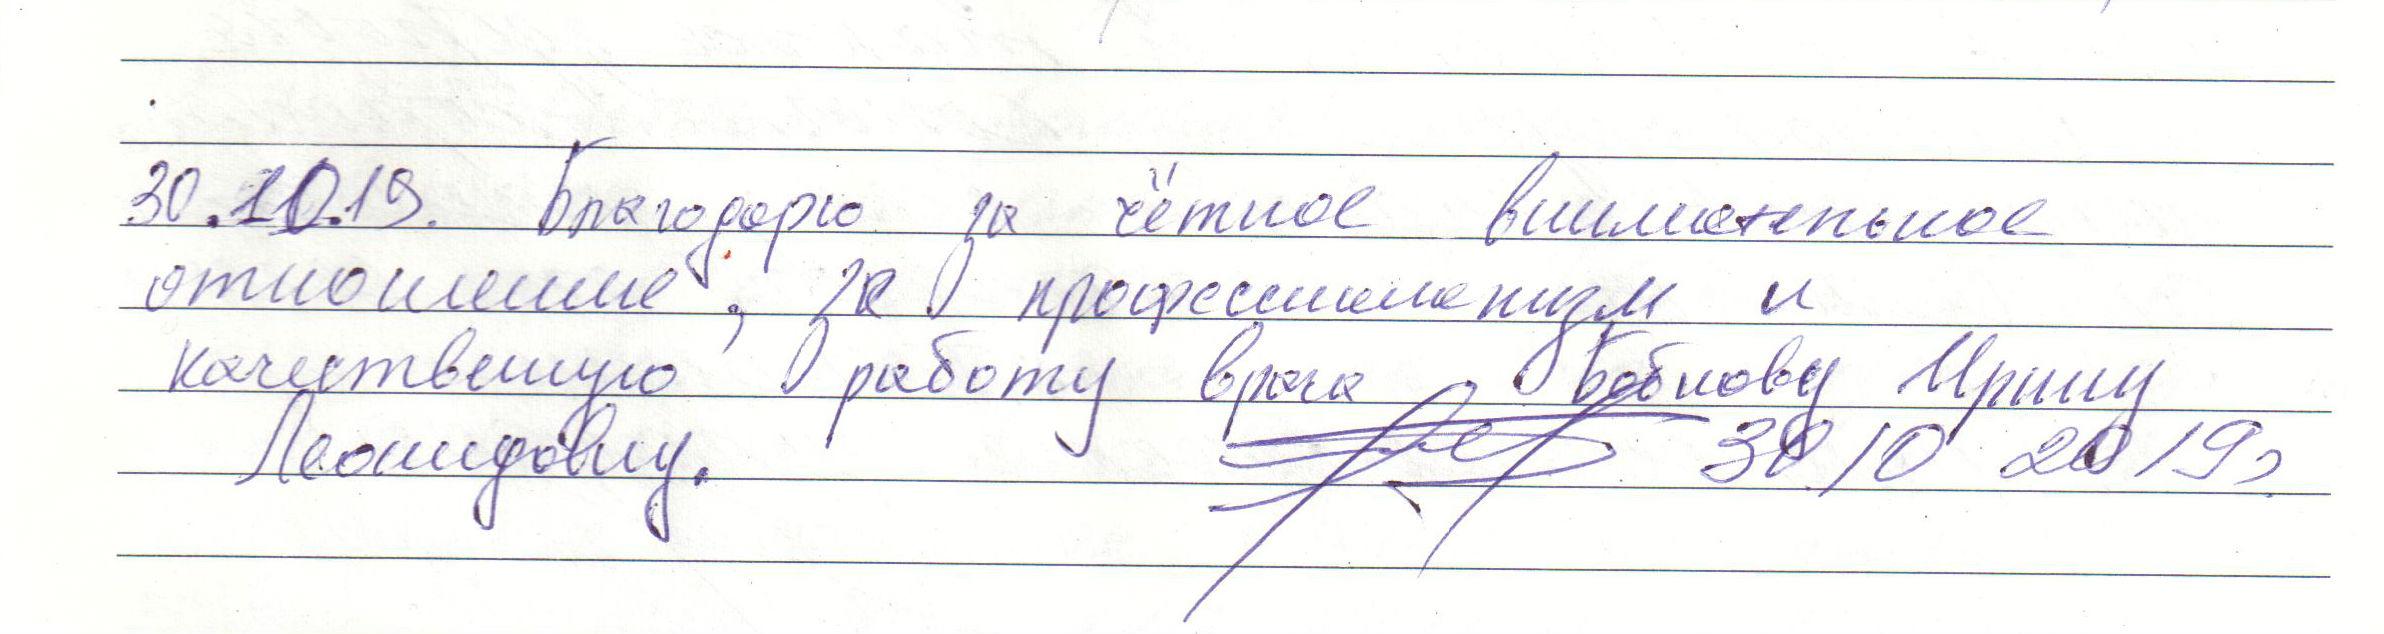 Благодарность за профессионализм врачу Бобковой Ирине Леонидовне